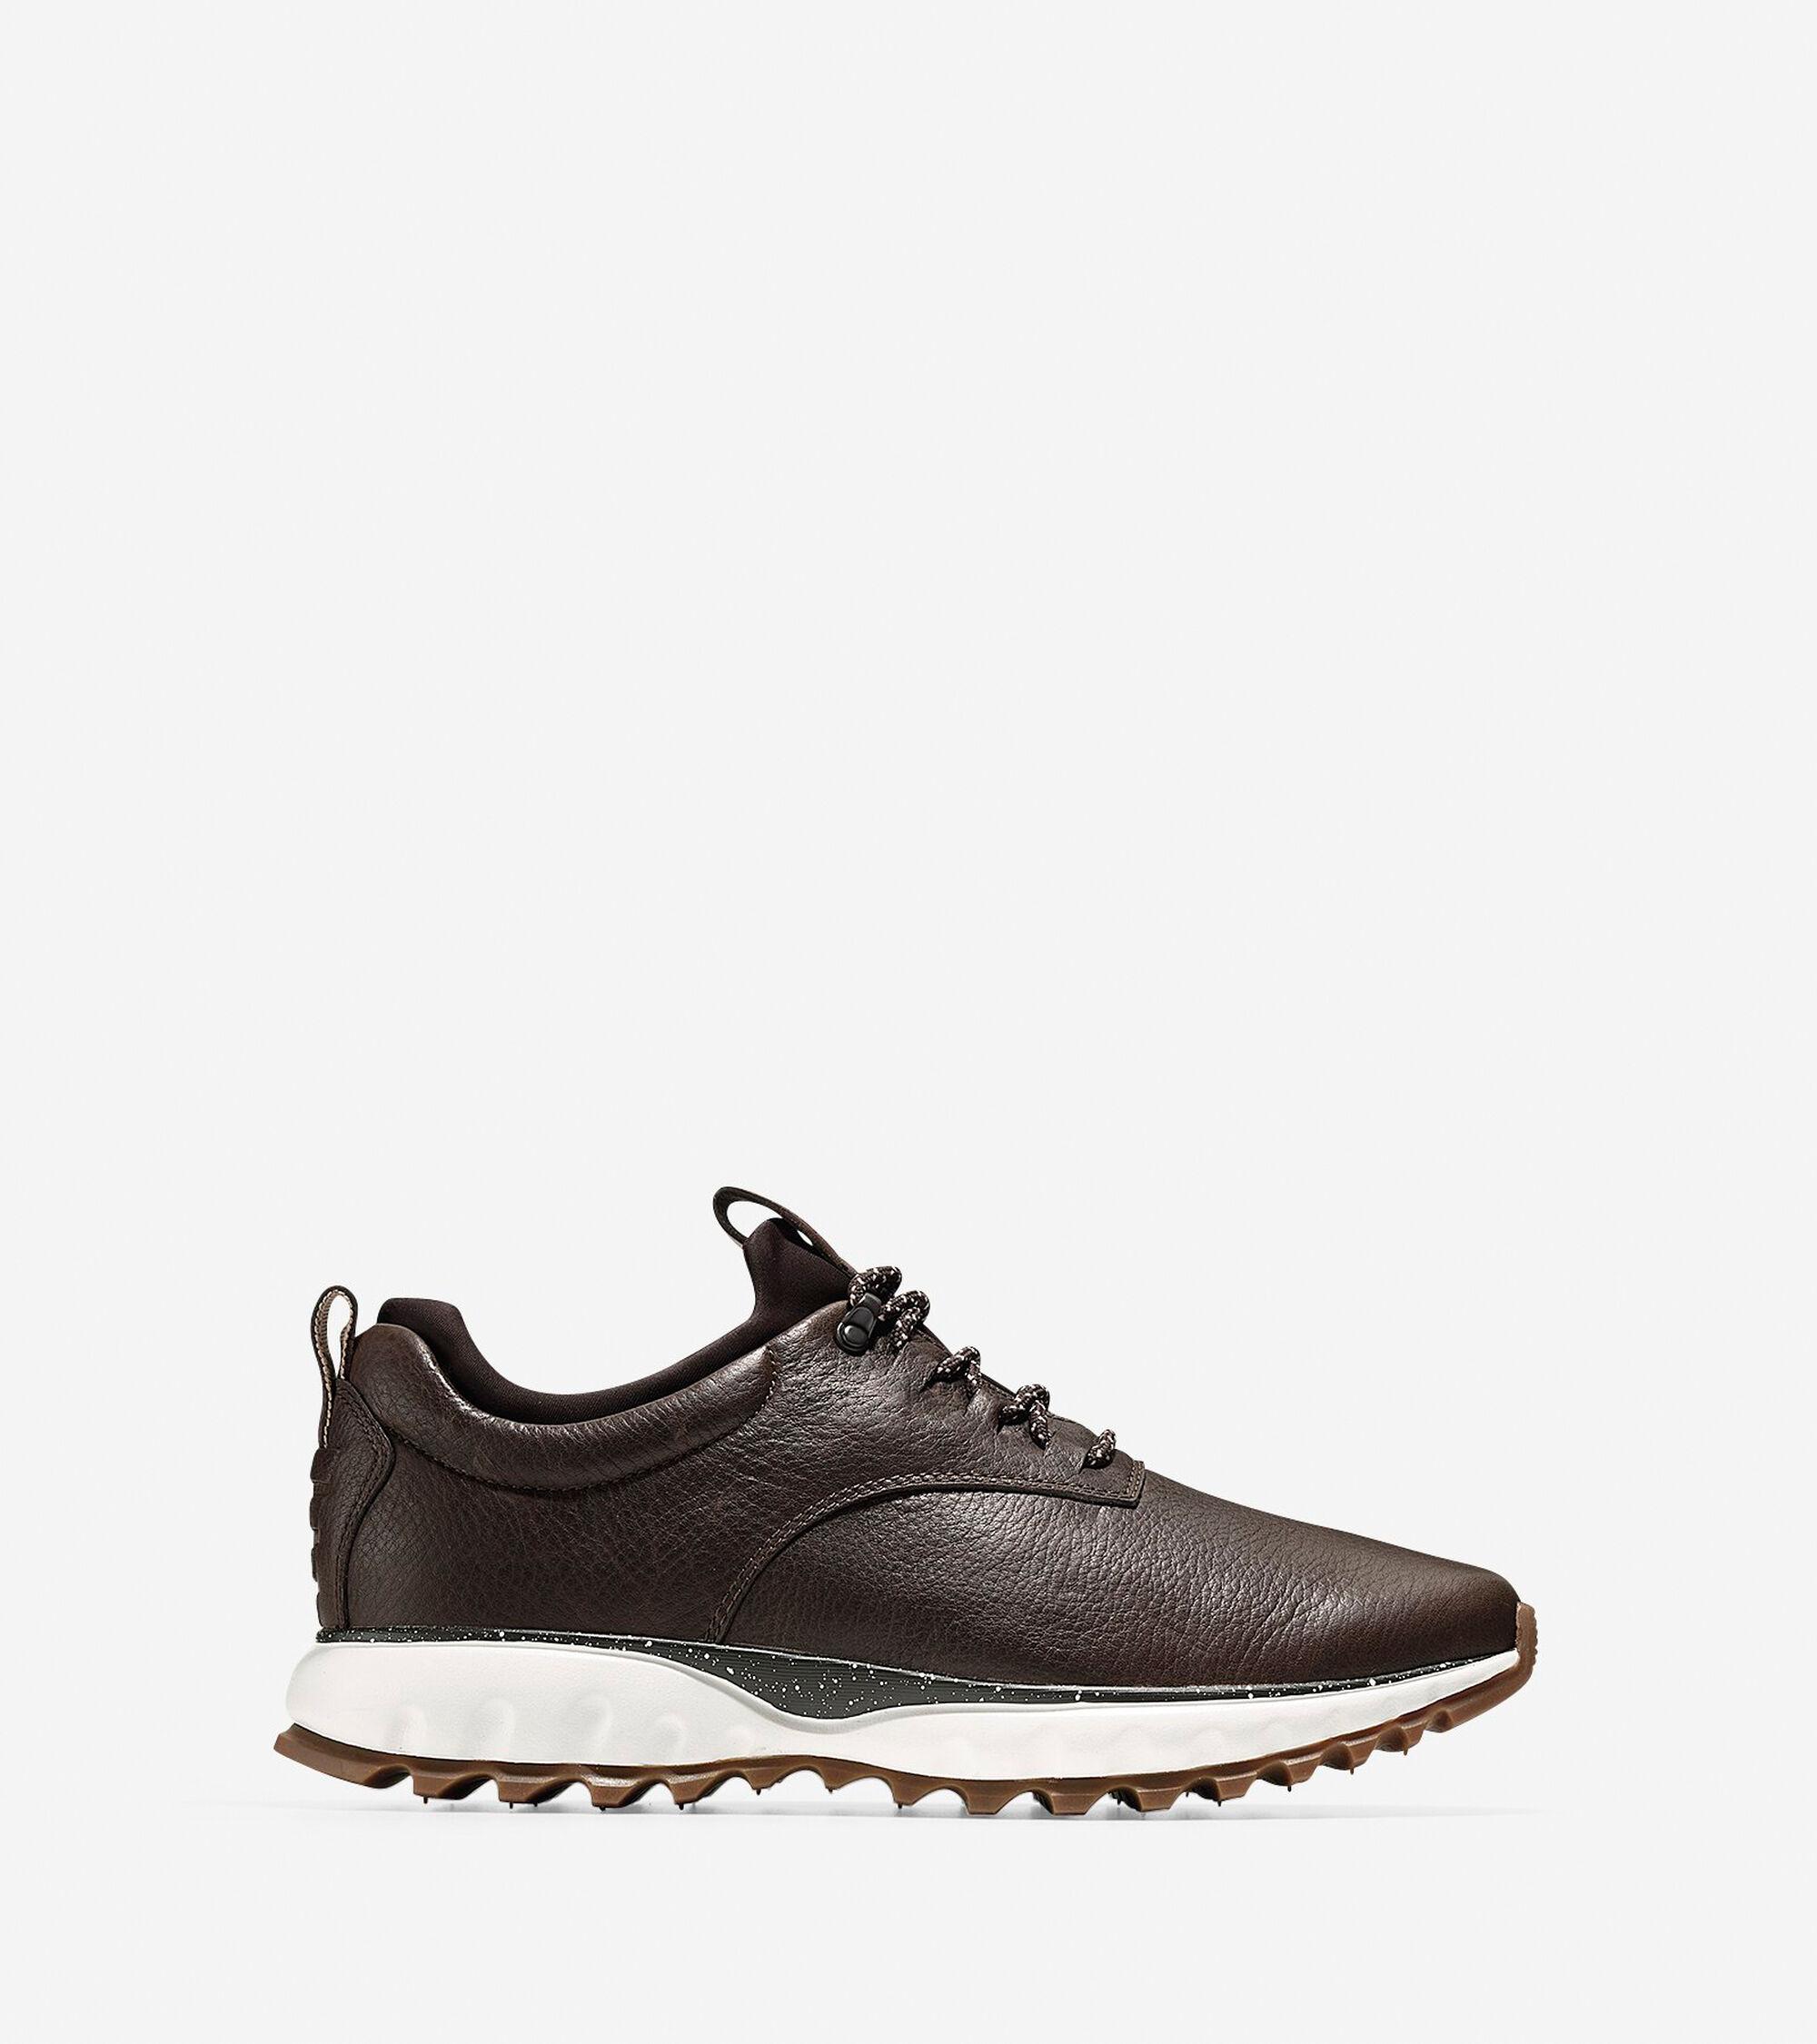 Cole Haan Men's GrandExplore All-Terrain Waterproof Sneaker